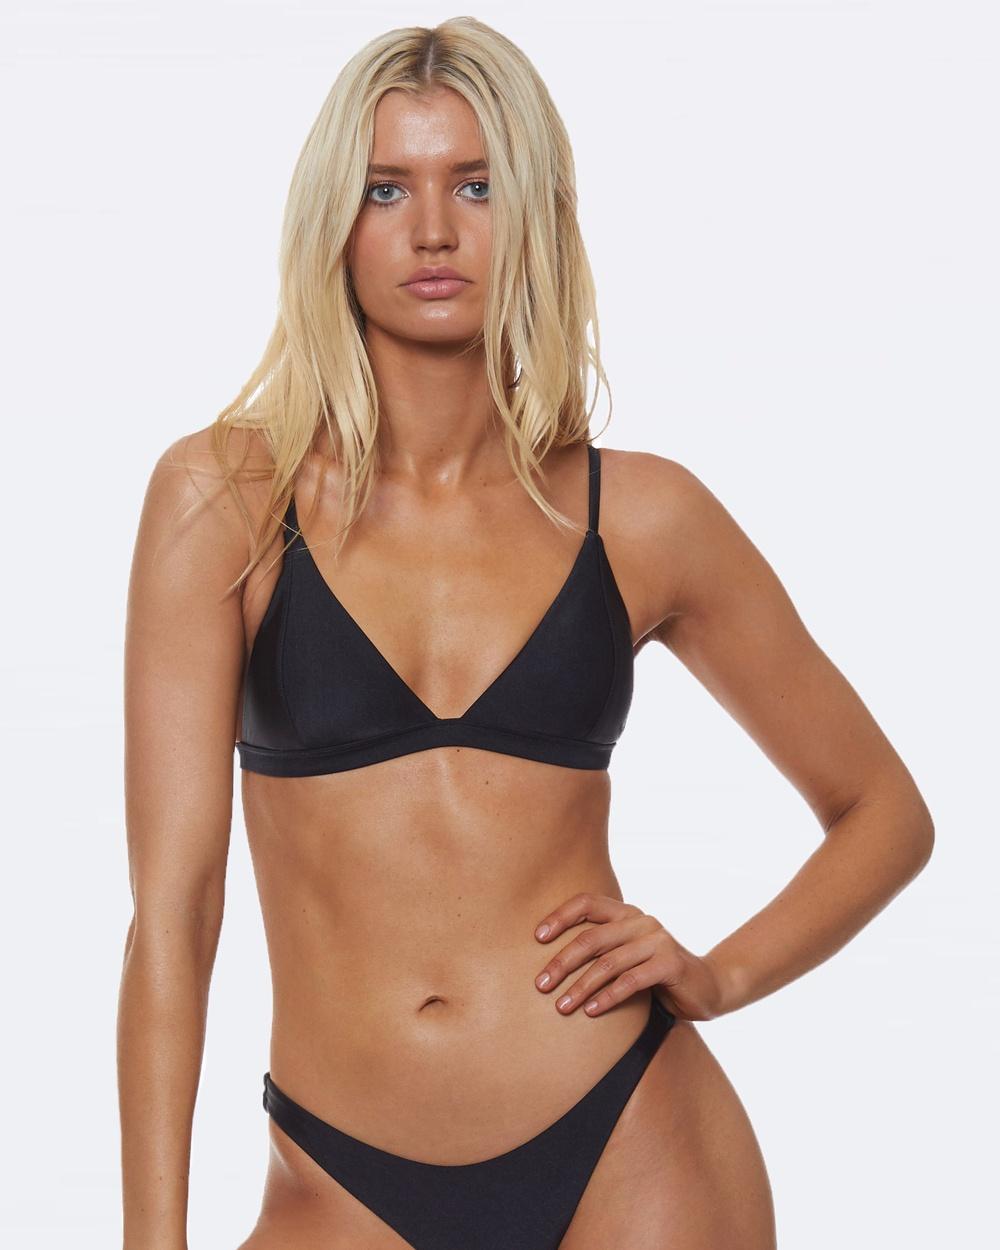 L'urv She Shimmers Bikini Top Bikini Set Black She Shimmers Bikini Top